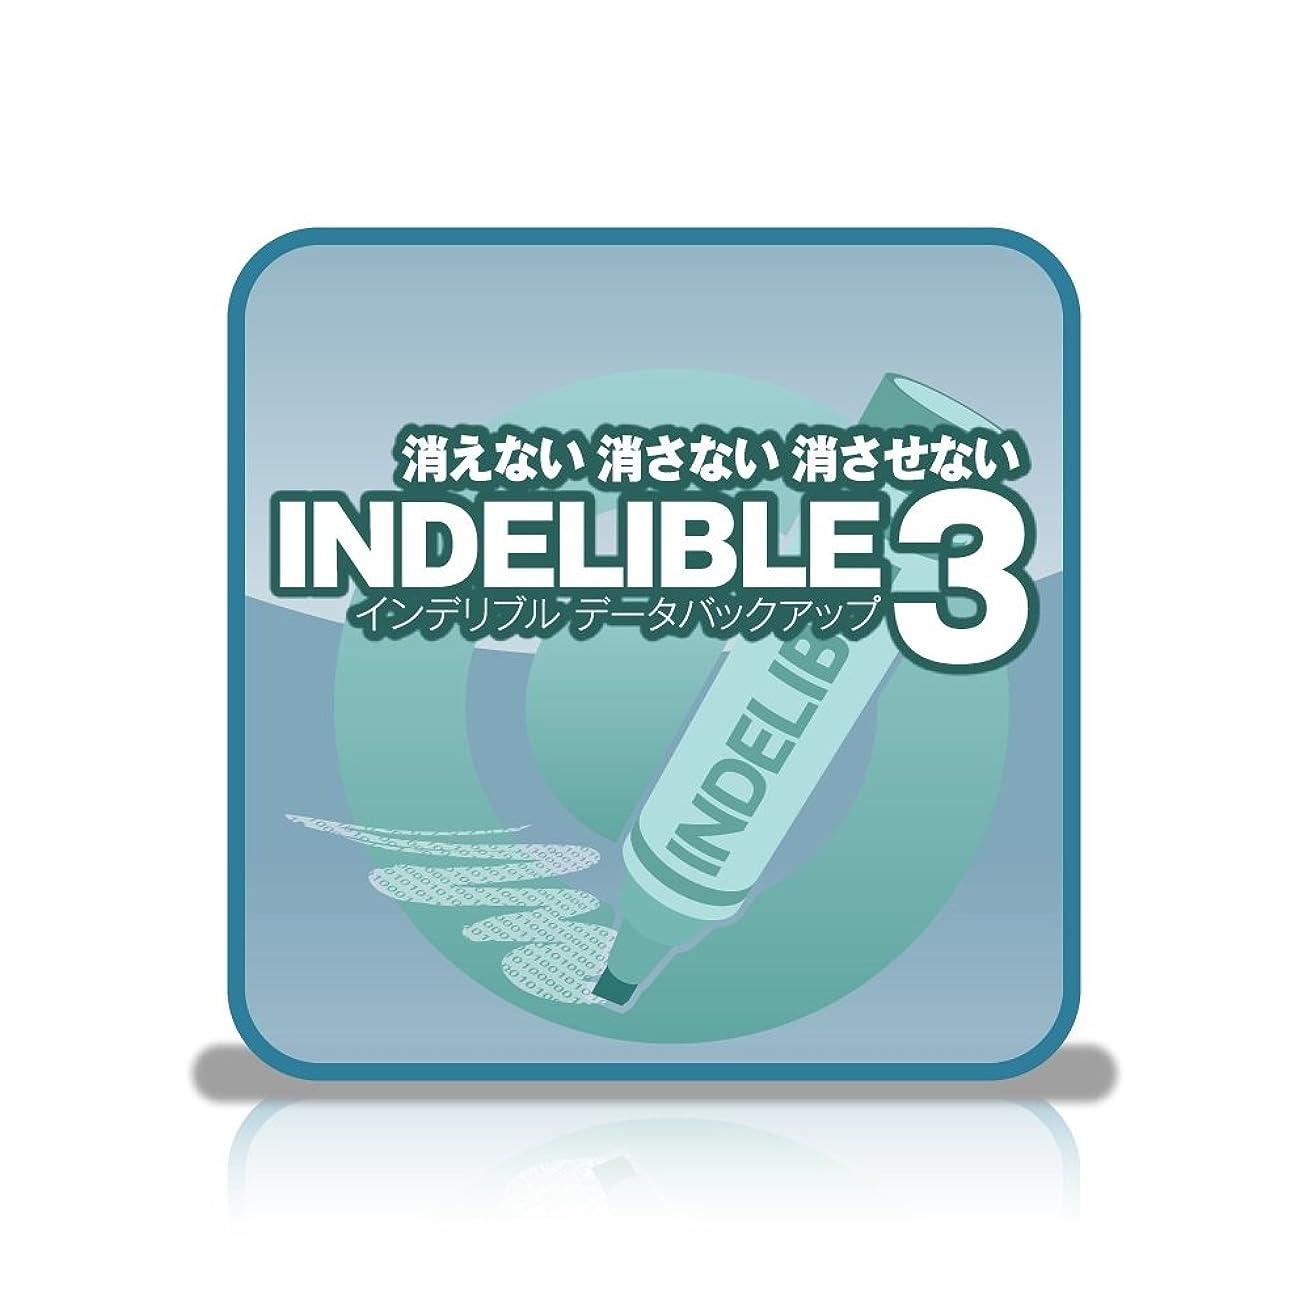 条約構想するタックIndelible 3 ダウンロード版|ダウンロード版